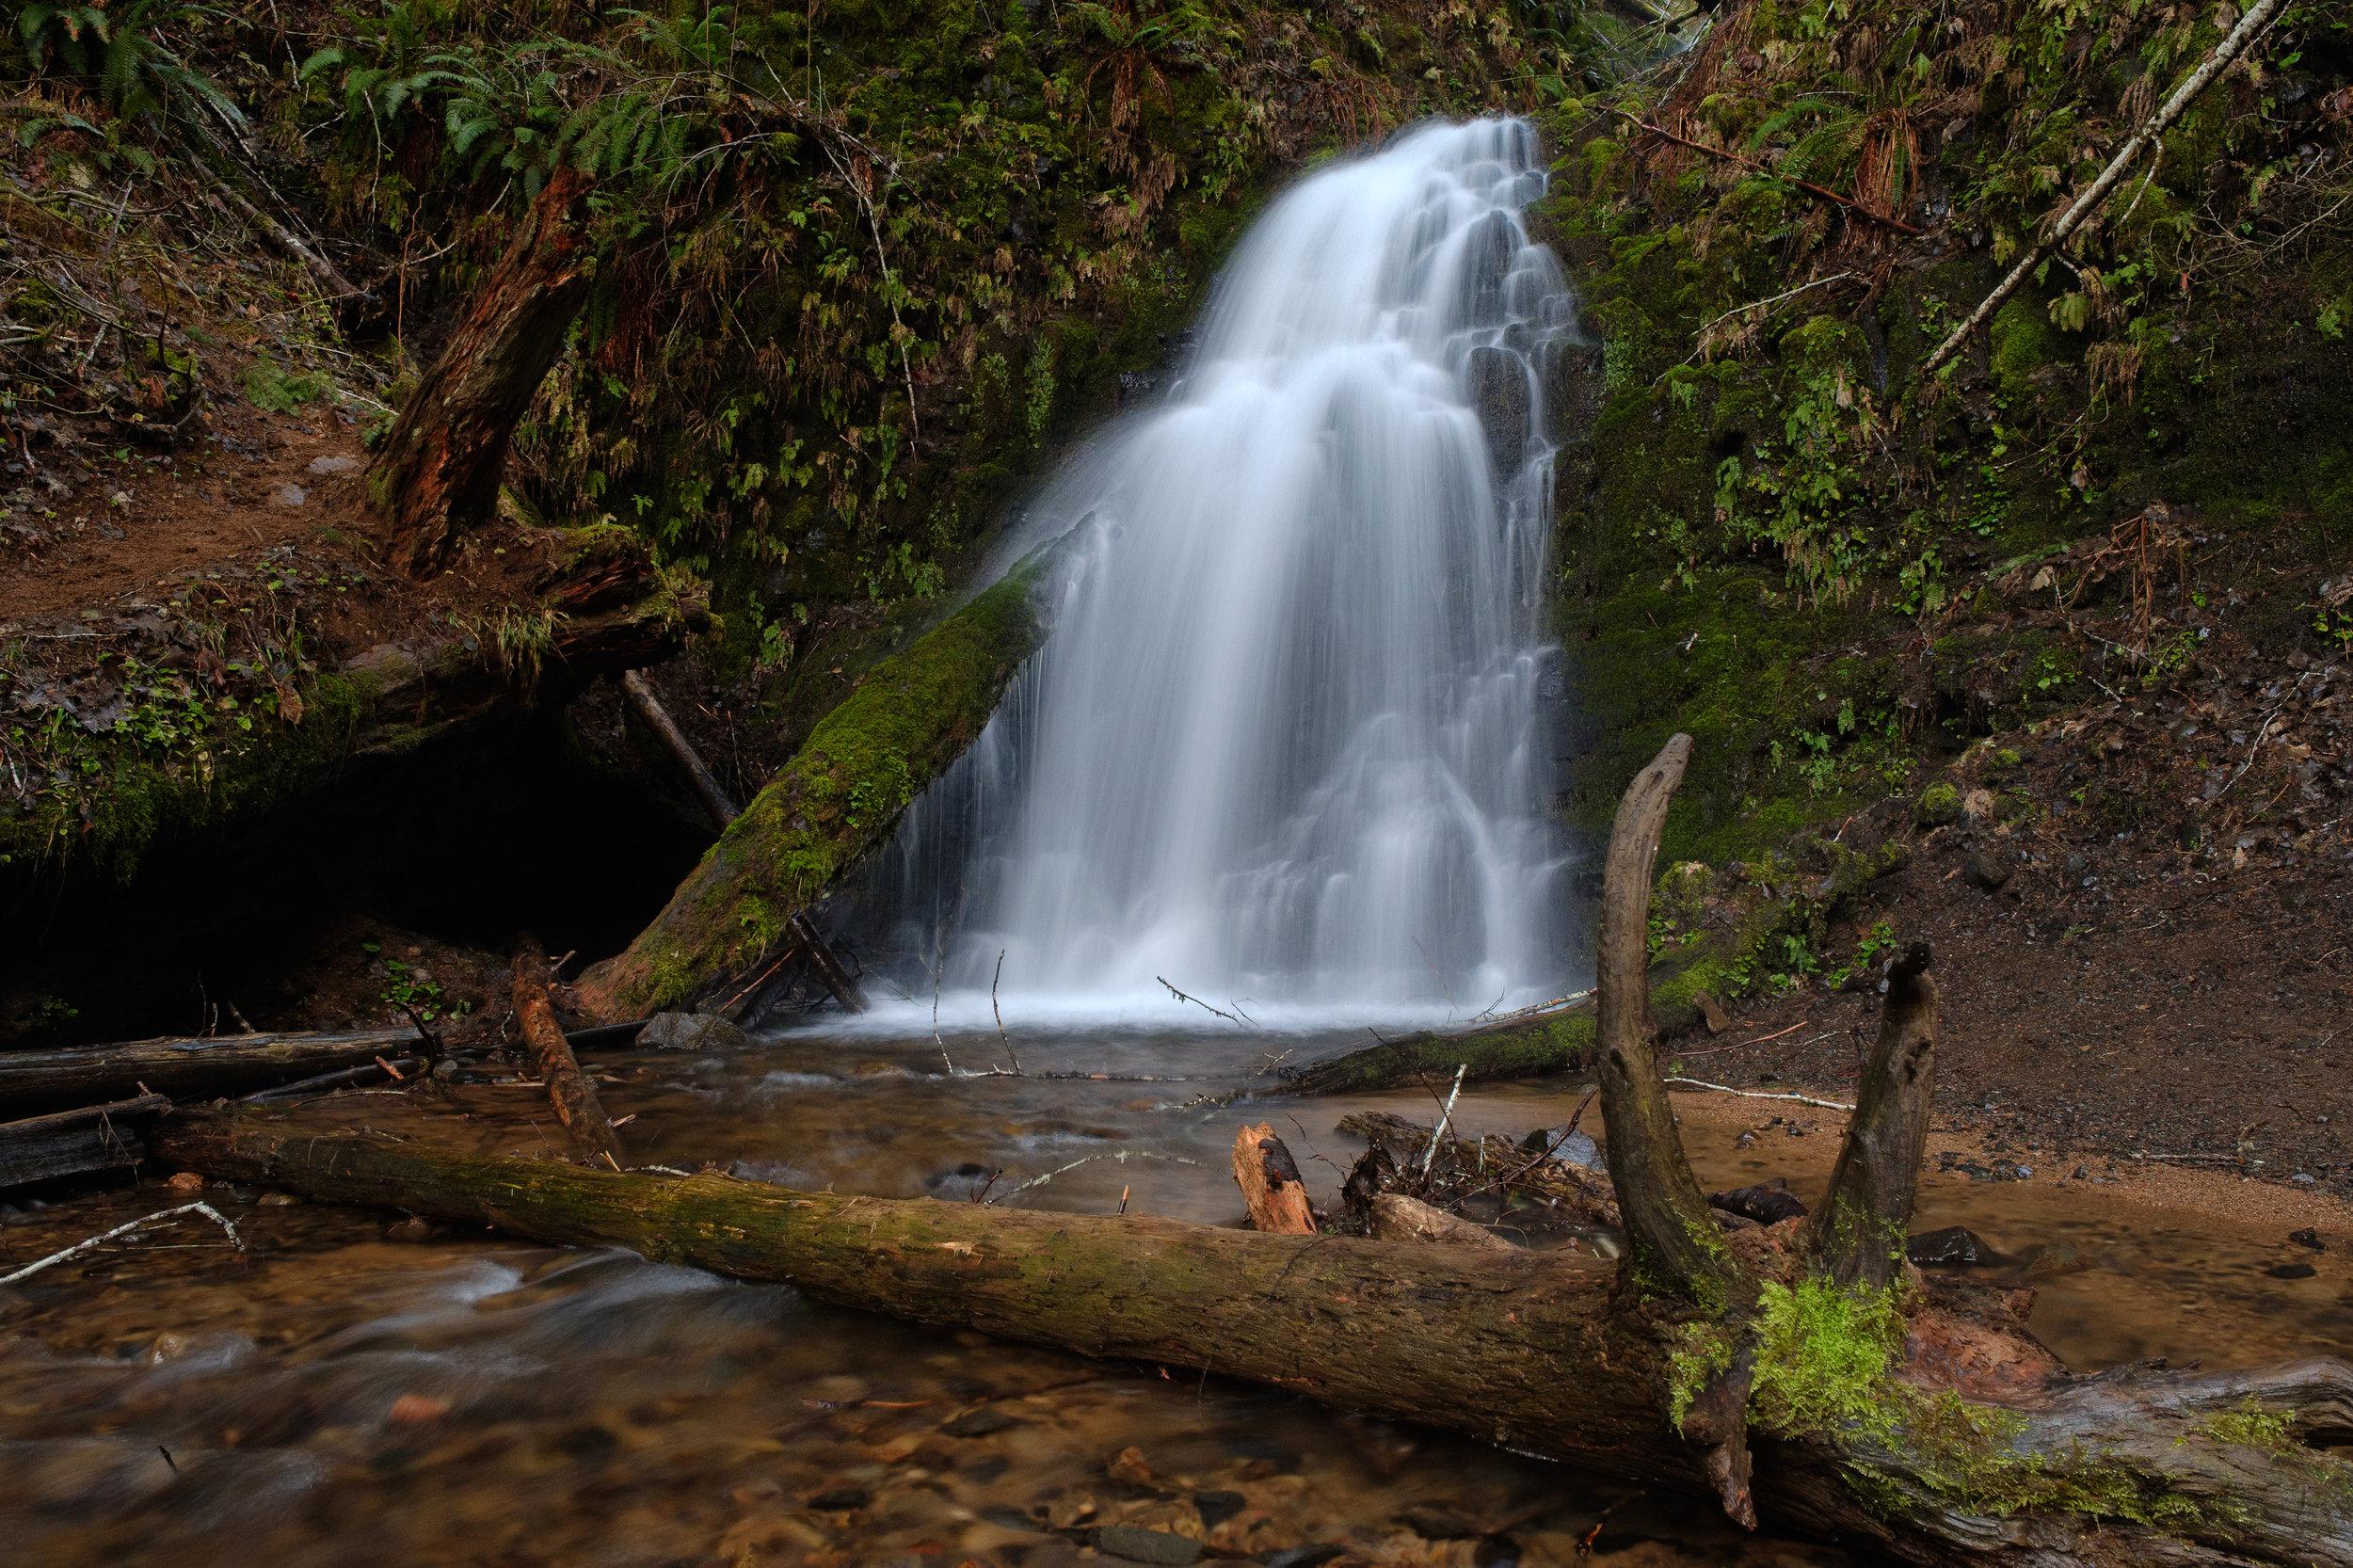 waterfall deadfall tree river